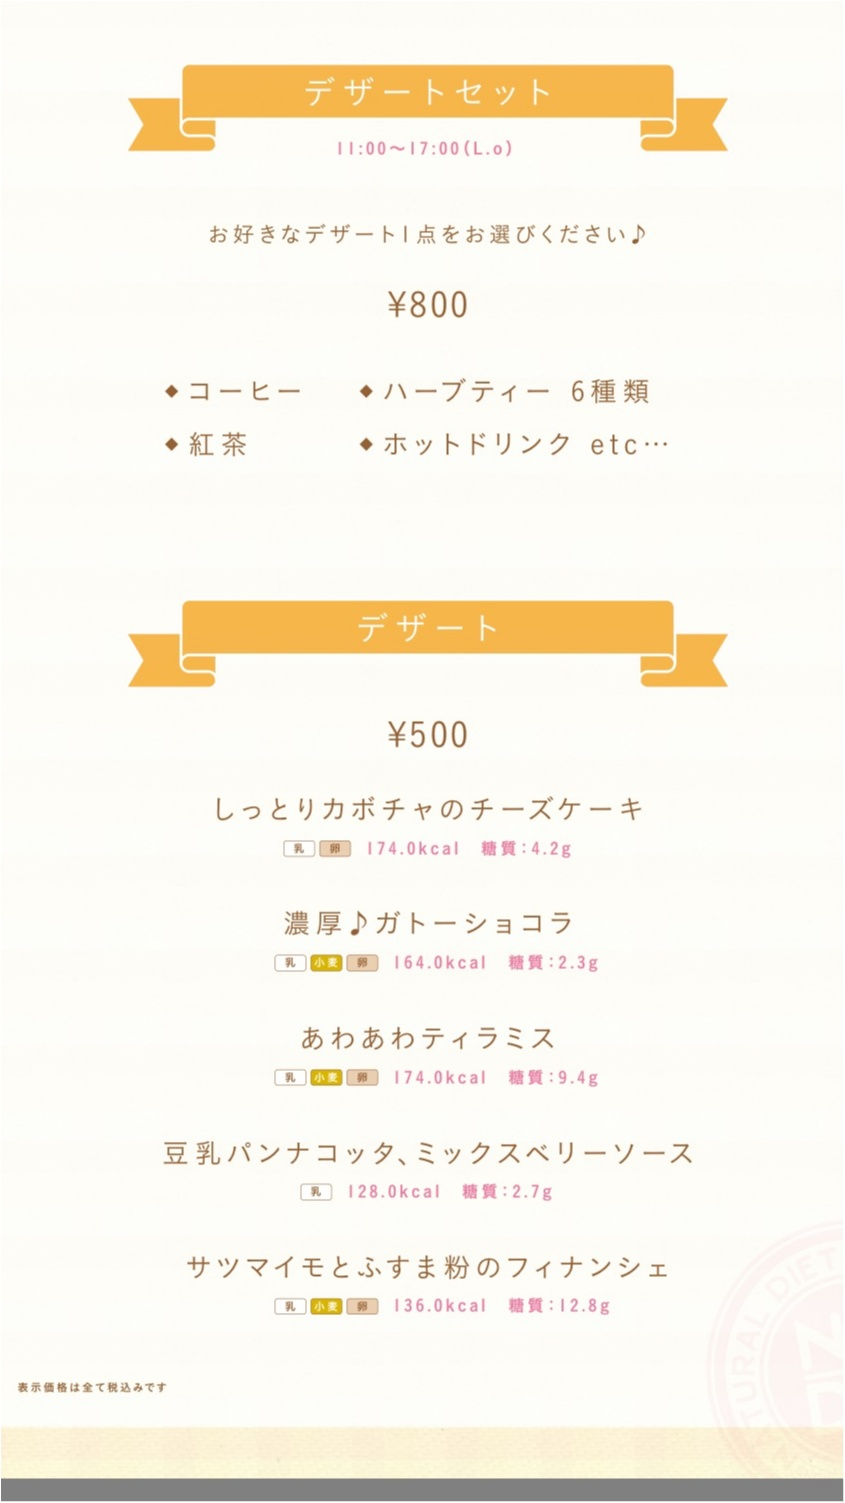 ♡ダイエッター必見!!【デザート付きフルコースが500kcal以下】糖質制限ダイエットレストランNODO♡モアハピ◡̈のぞみ♡_11